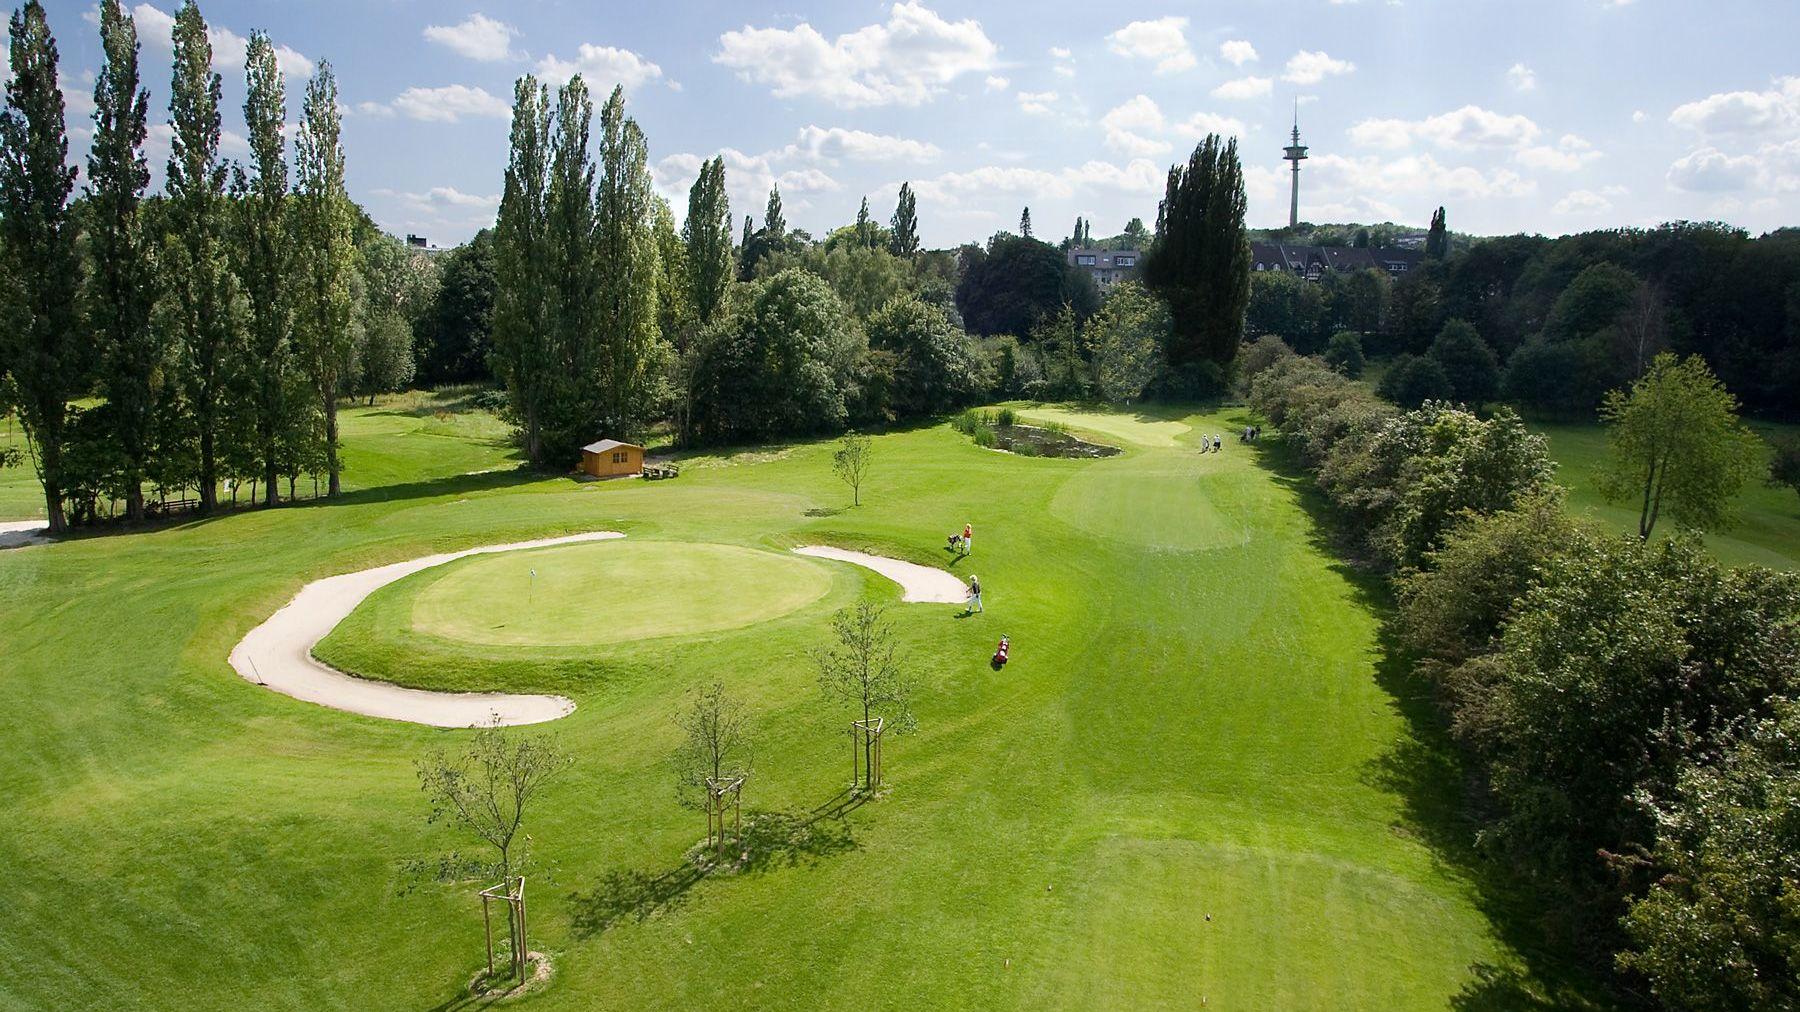 Golfplatz in Mülheim an der Ruhr